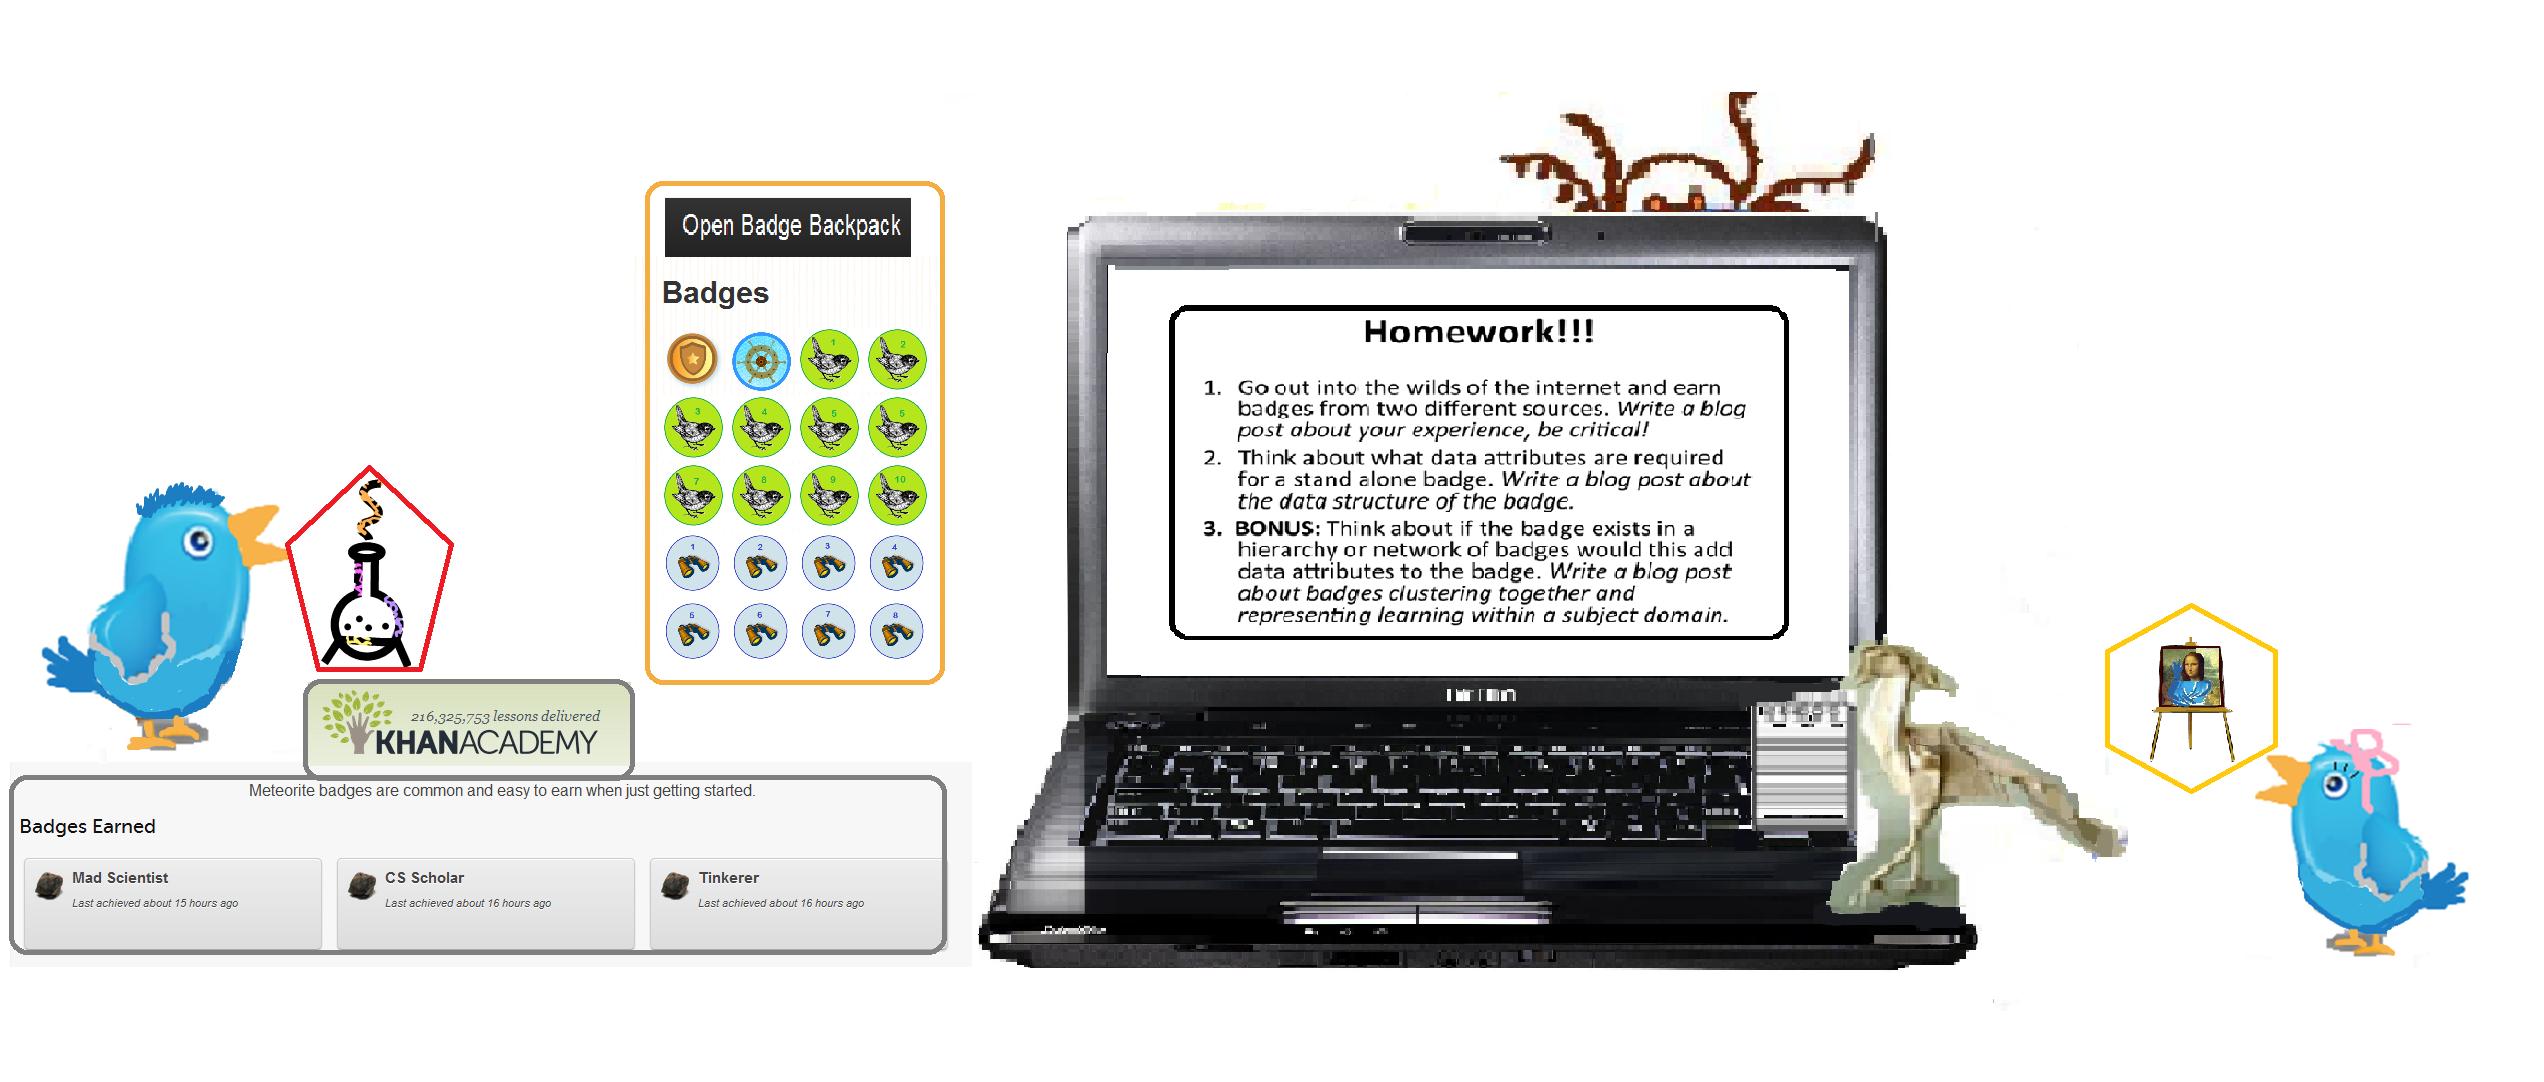 Church homework help programs